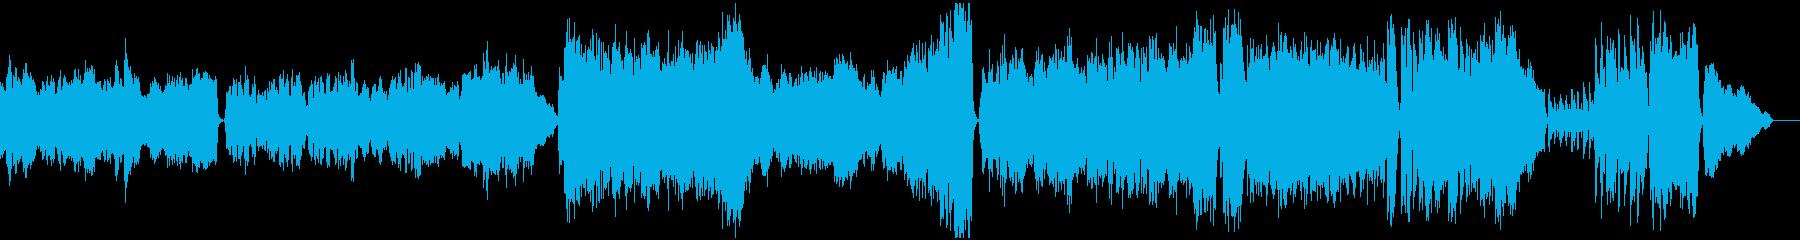 ラストシーン&エンディング曲・高クオリテの再生済みの波形